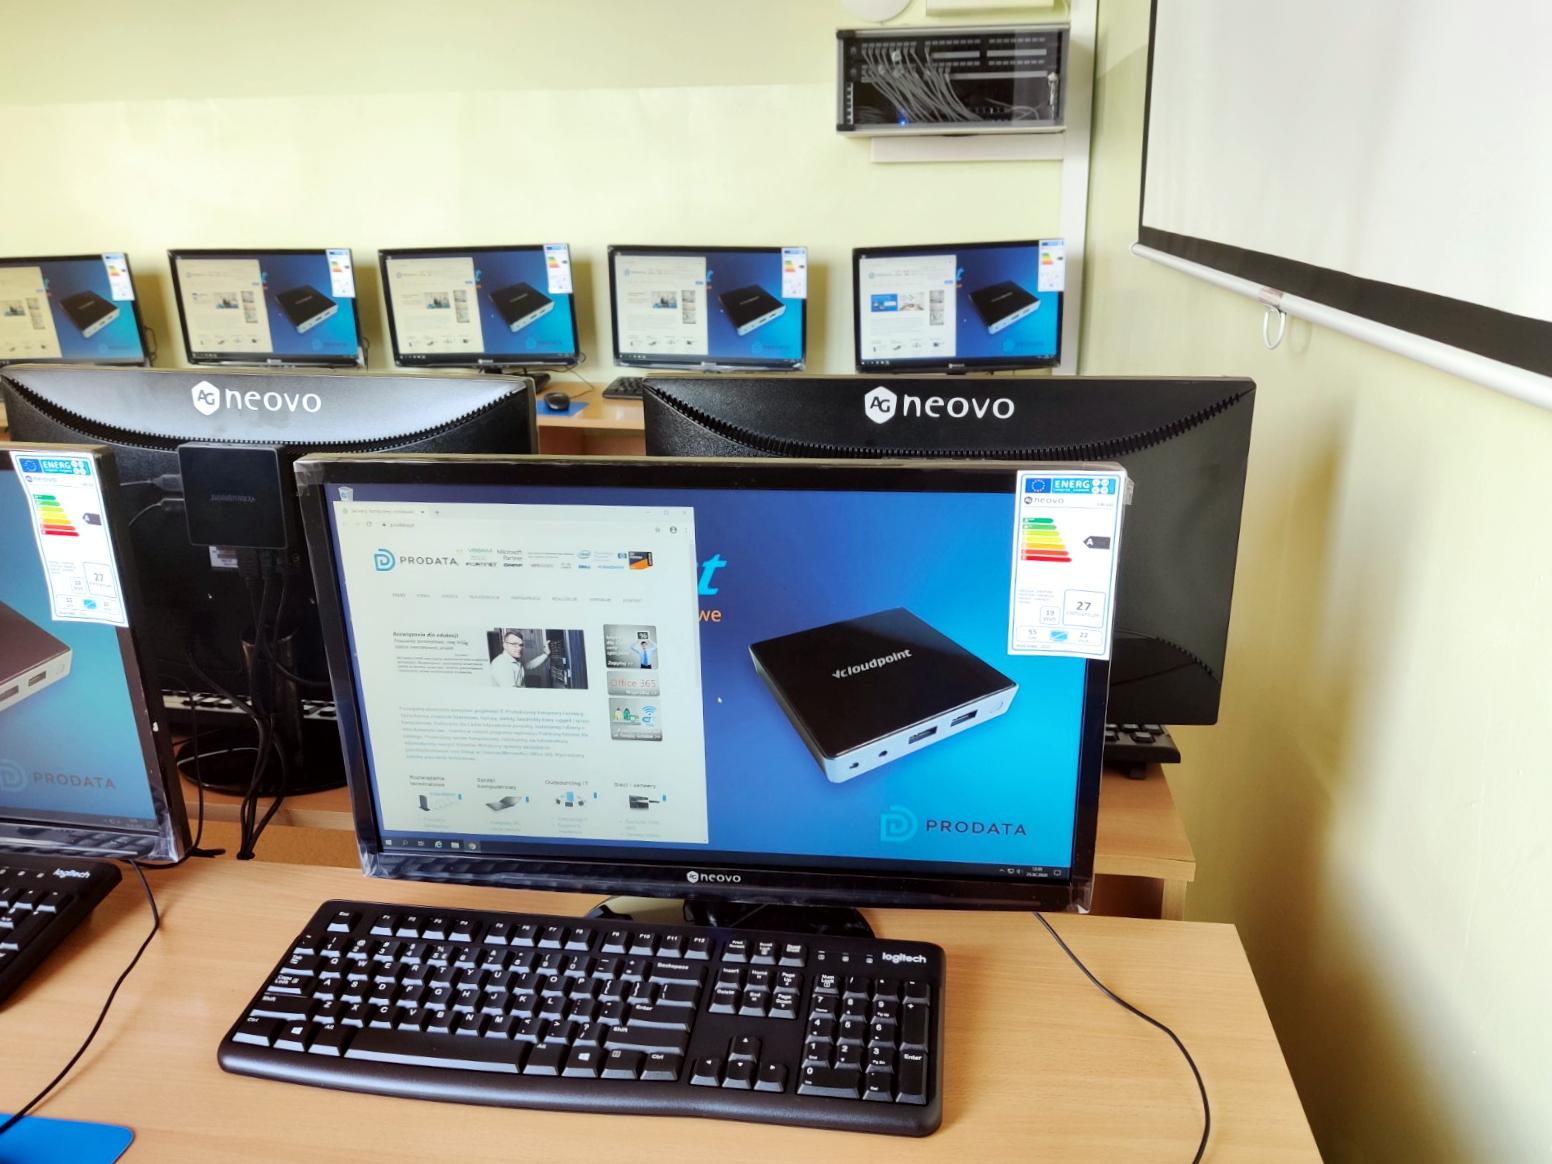 Pracownia komputerowa - terminalowe stanowiska vCloudPoint w Szkole Podstawowej w Głuchowie